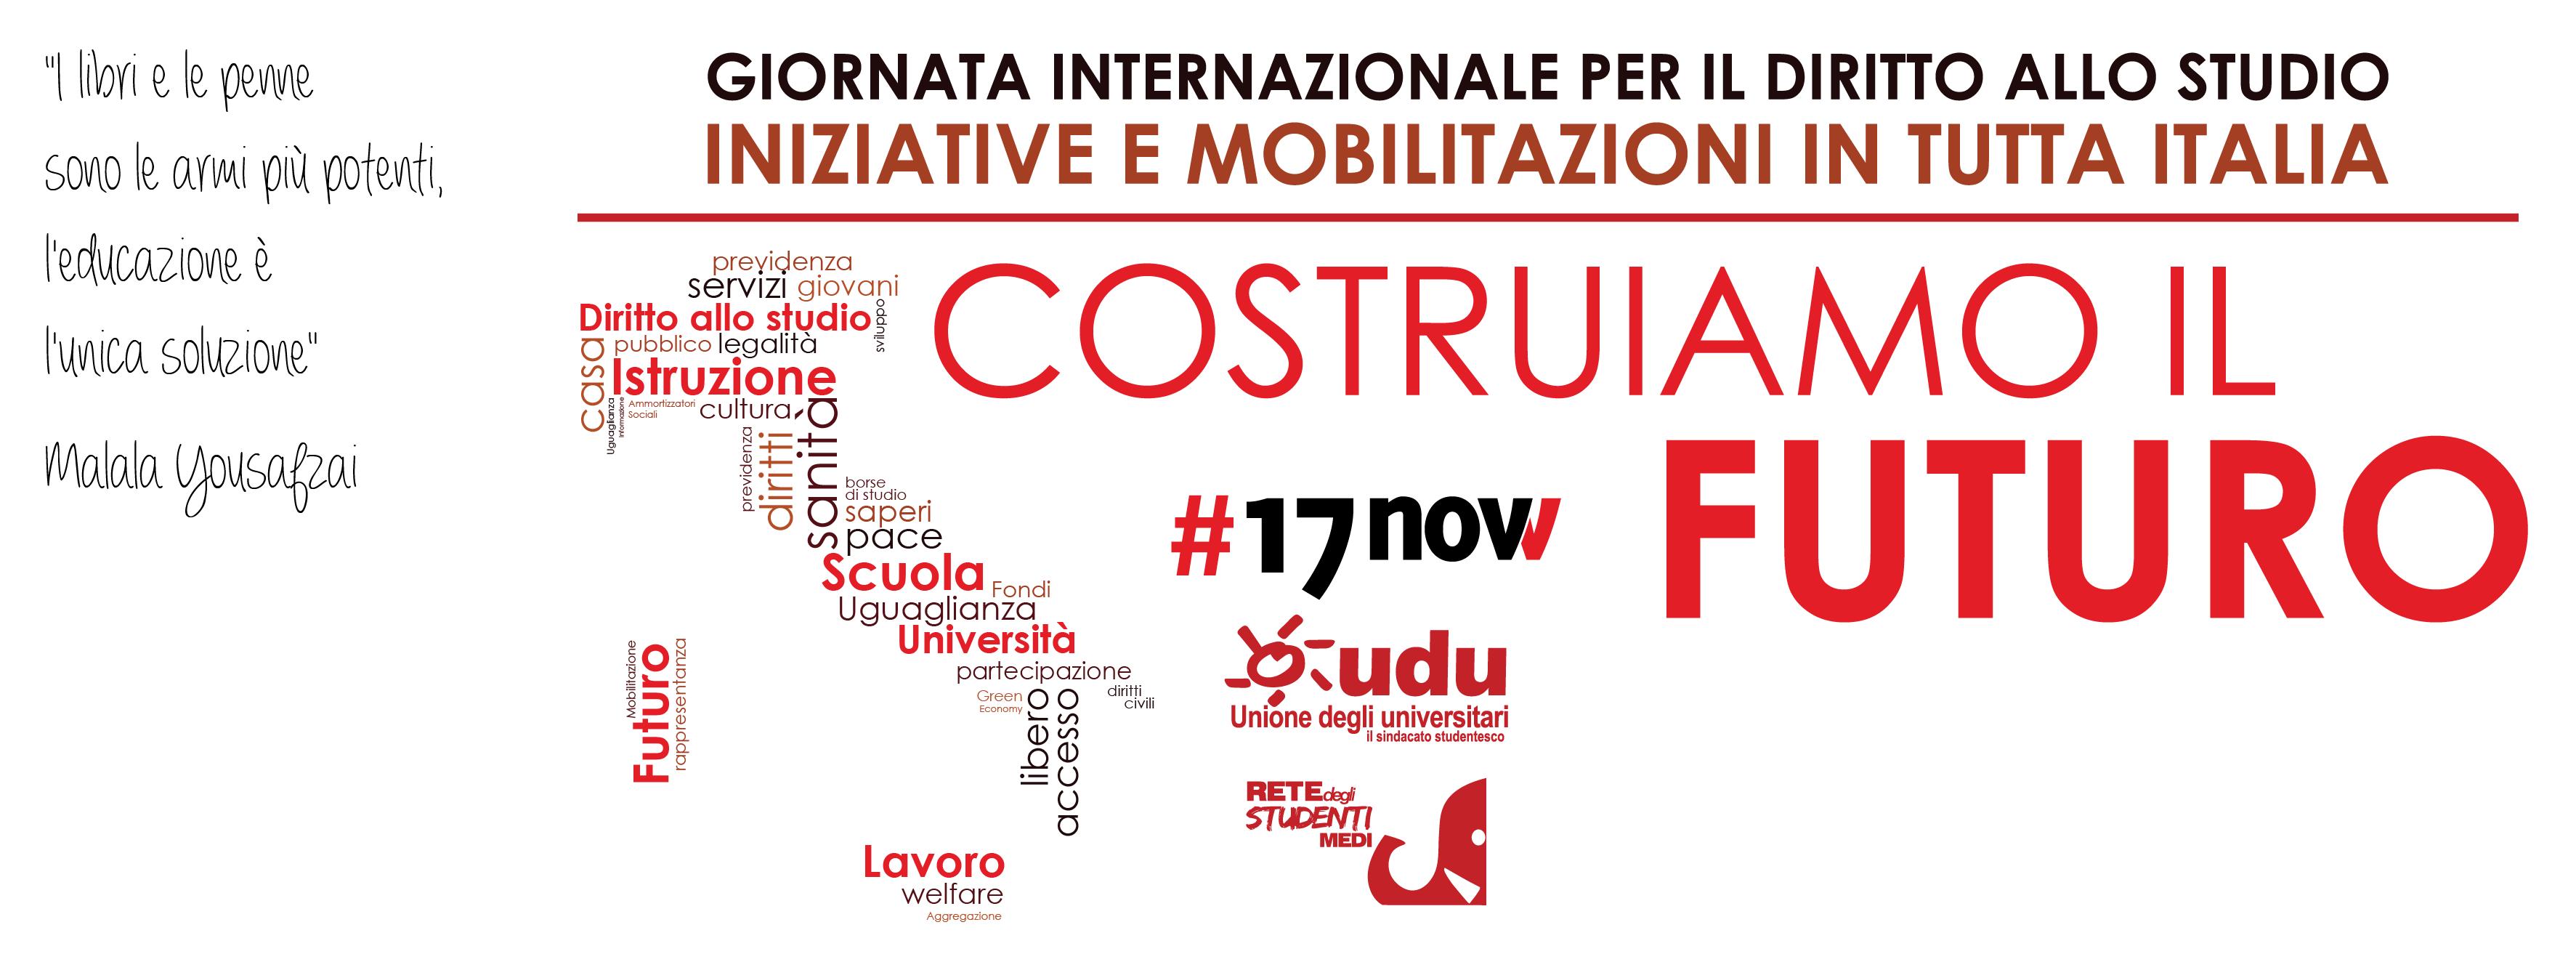 Università, domani è la Giornata mondiale dello studente: pronta mobilitazione